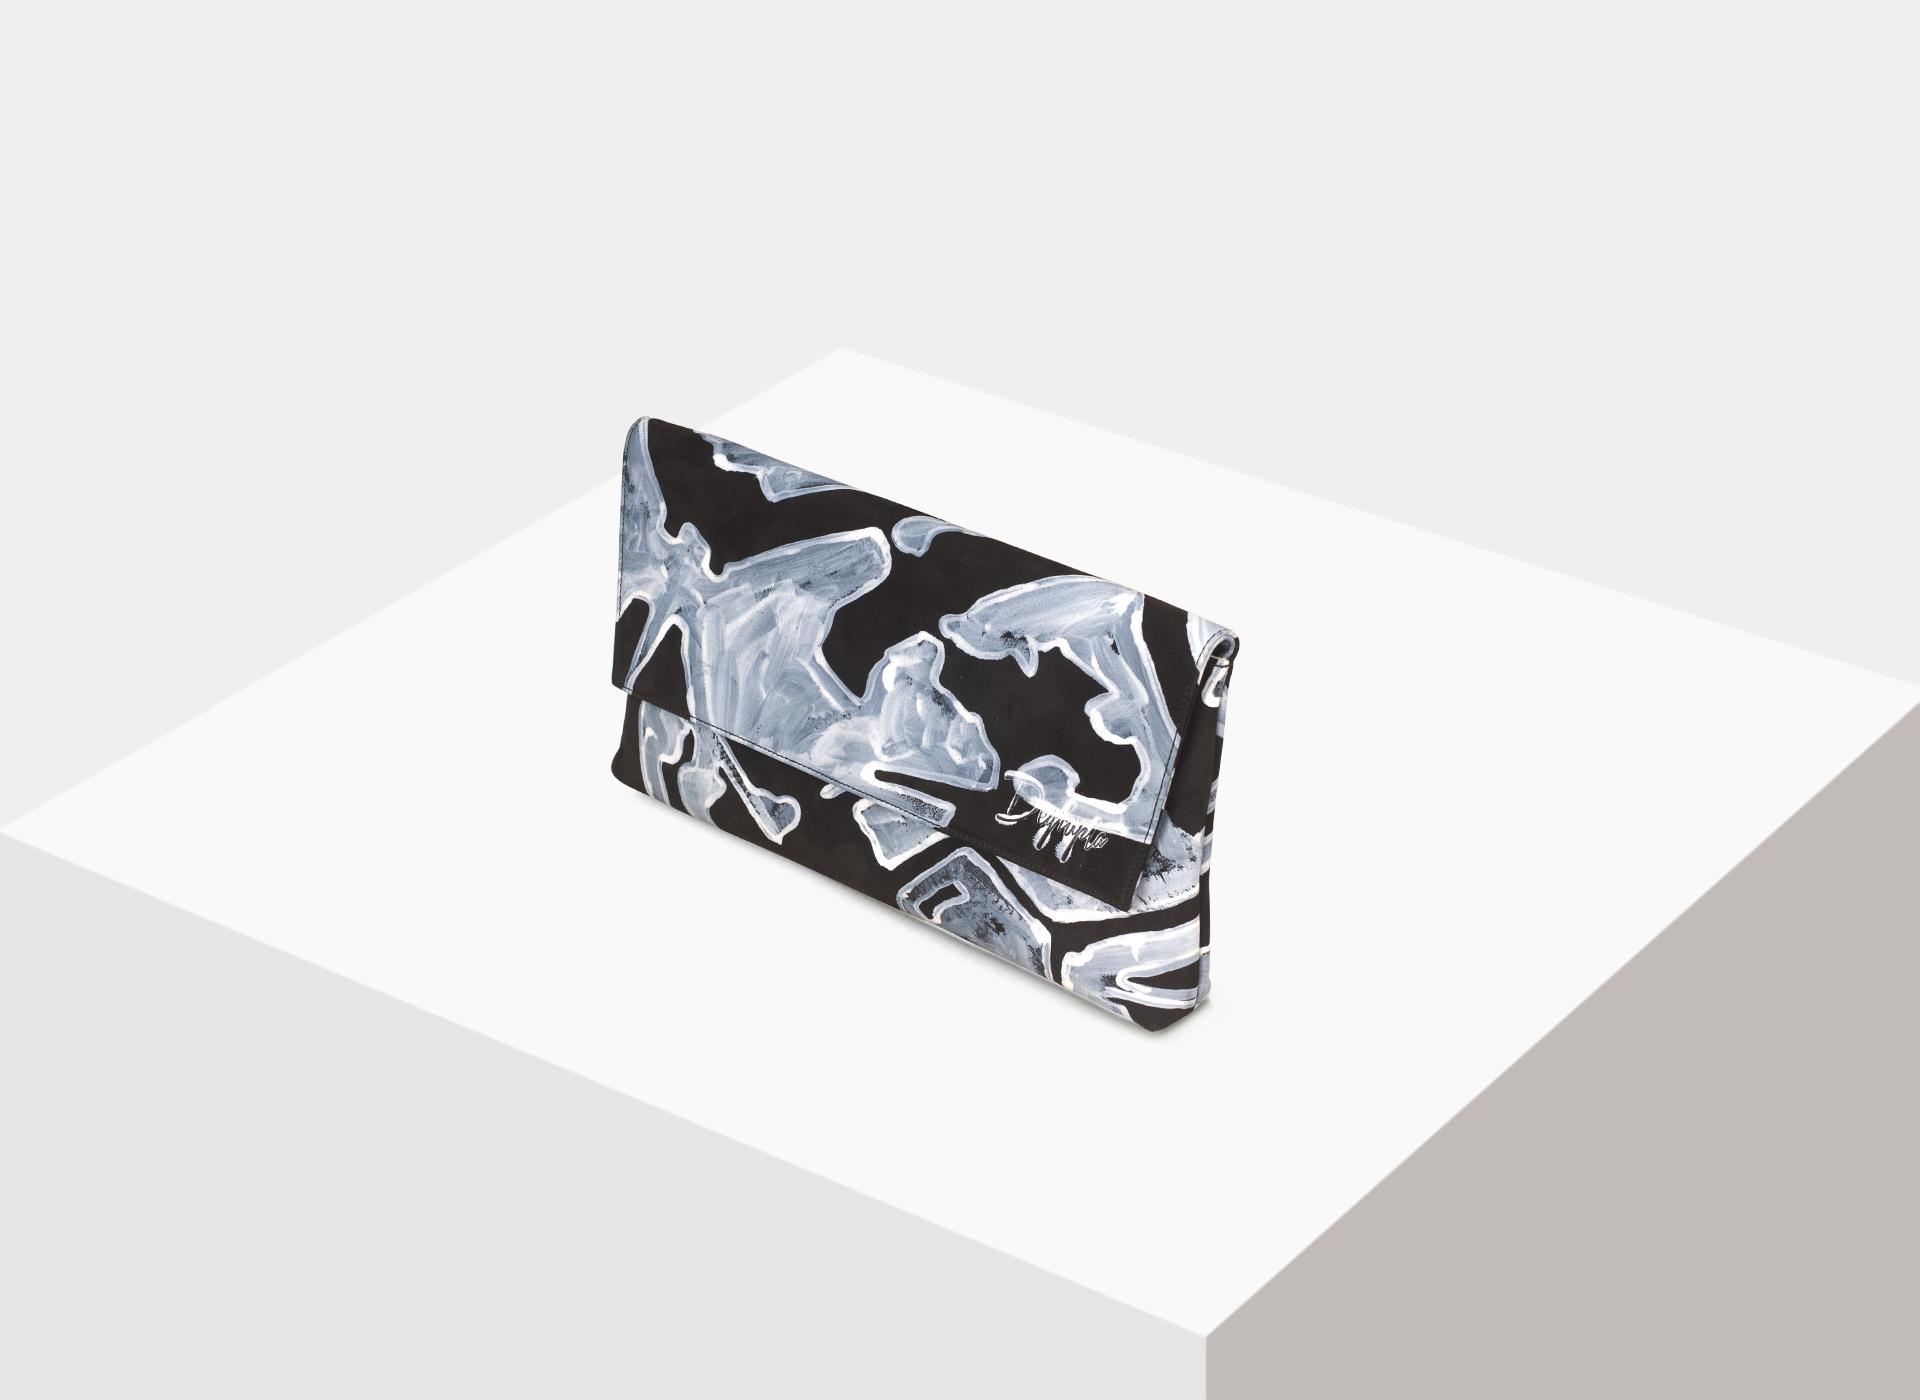 Bonsai 50250256-1 - Deglupta